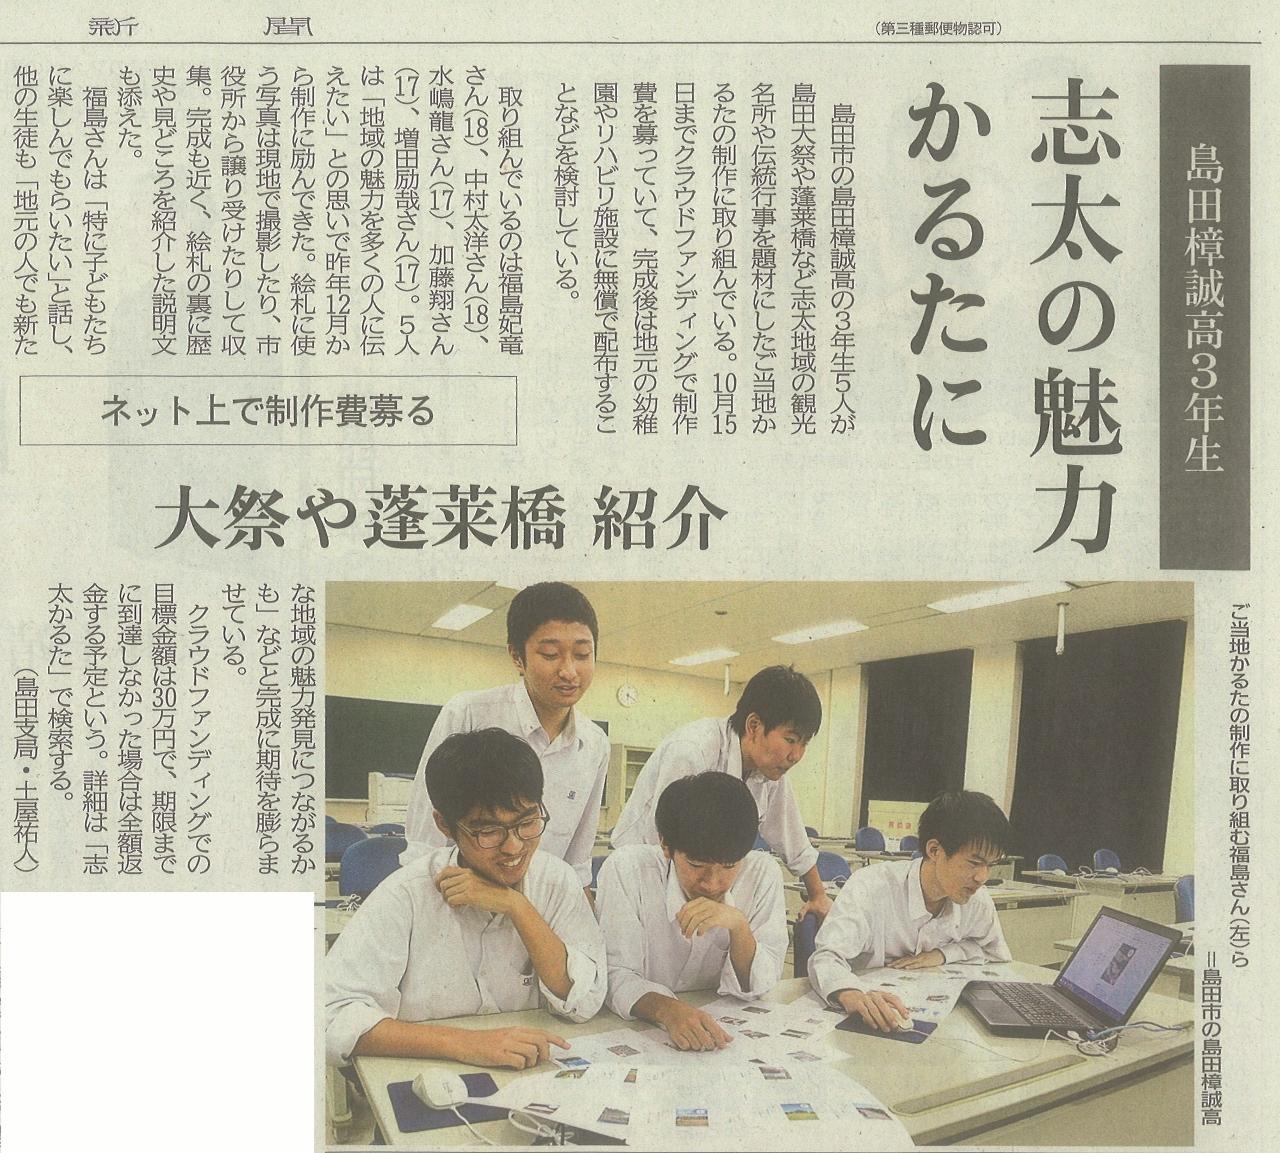 「志太カルタ制作プロジェクト」が静岡新聞に紹介されました